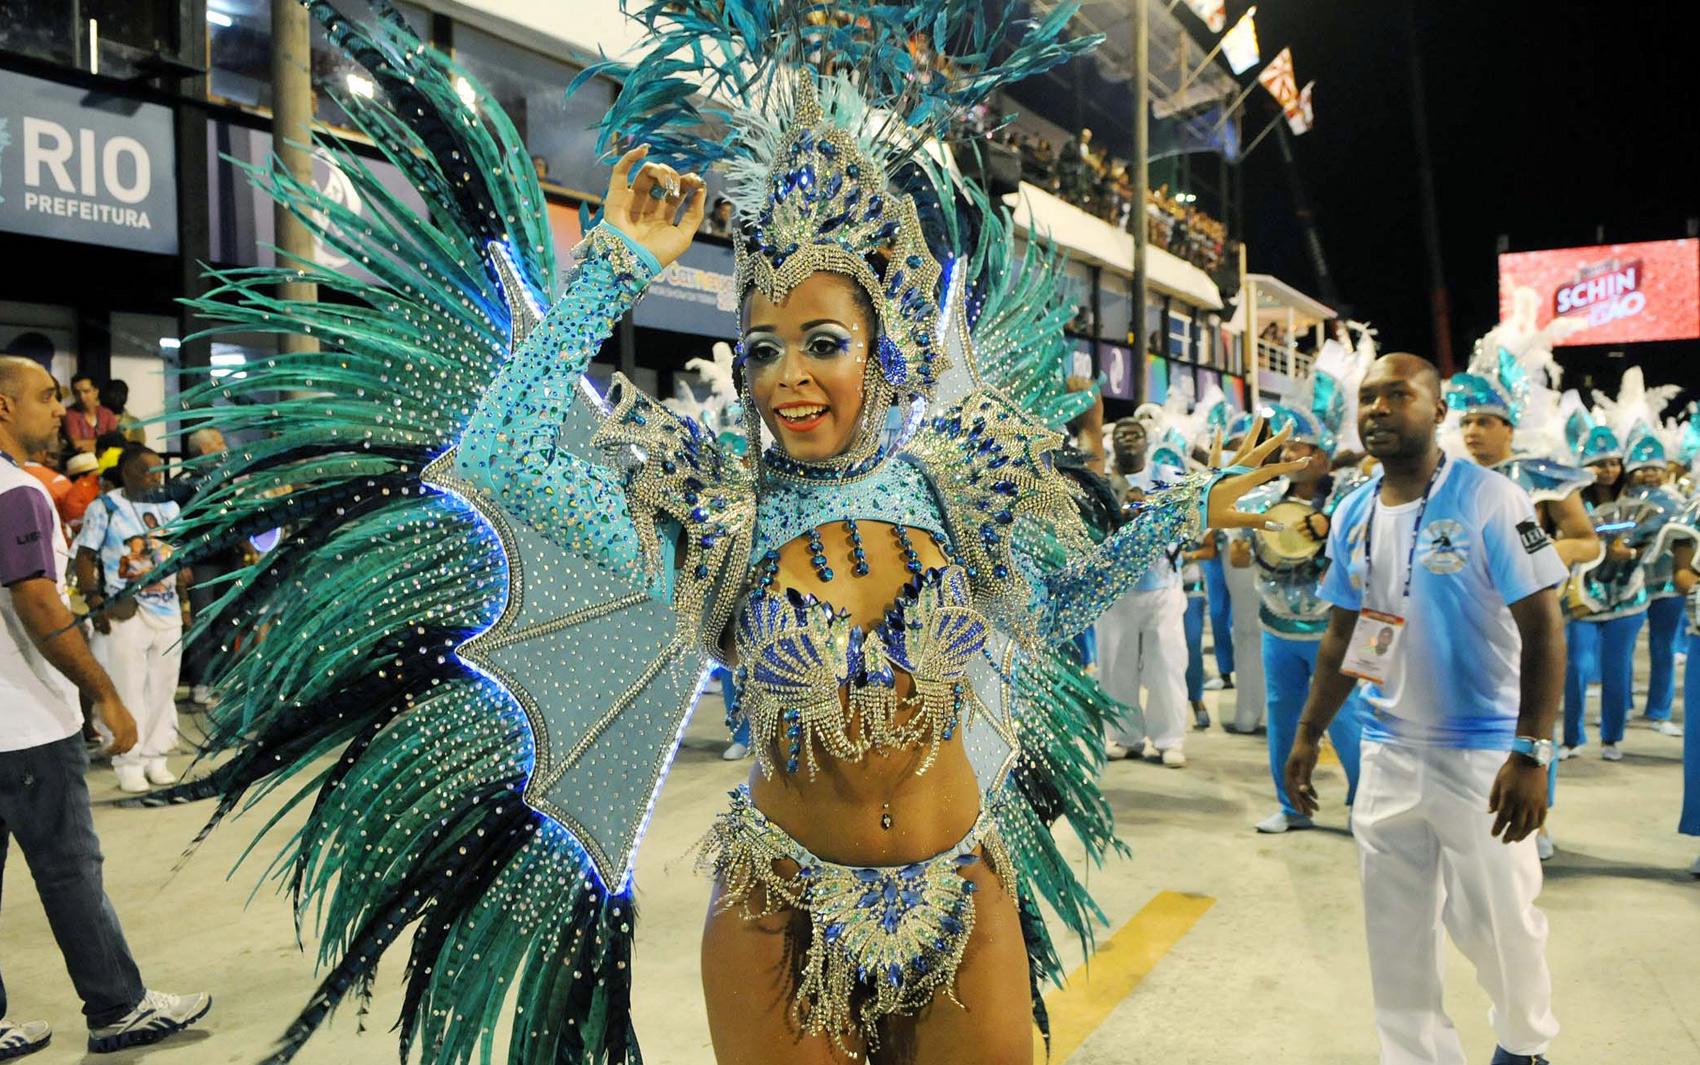 Rainha da bateria da Tradição, Rafaela Nascimento, desfila na Sapucaí